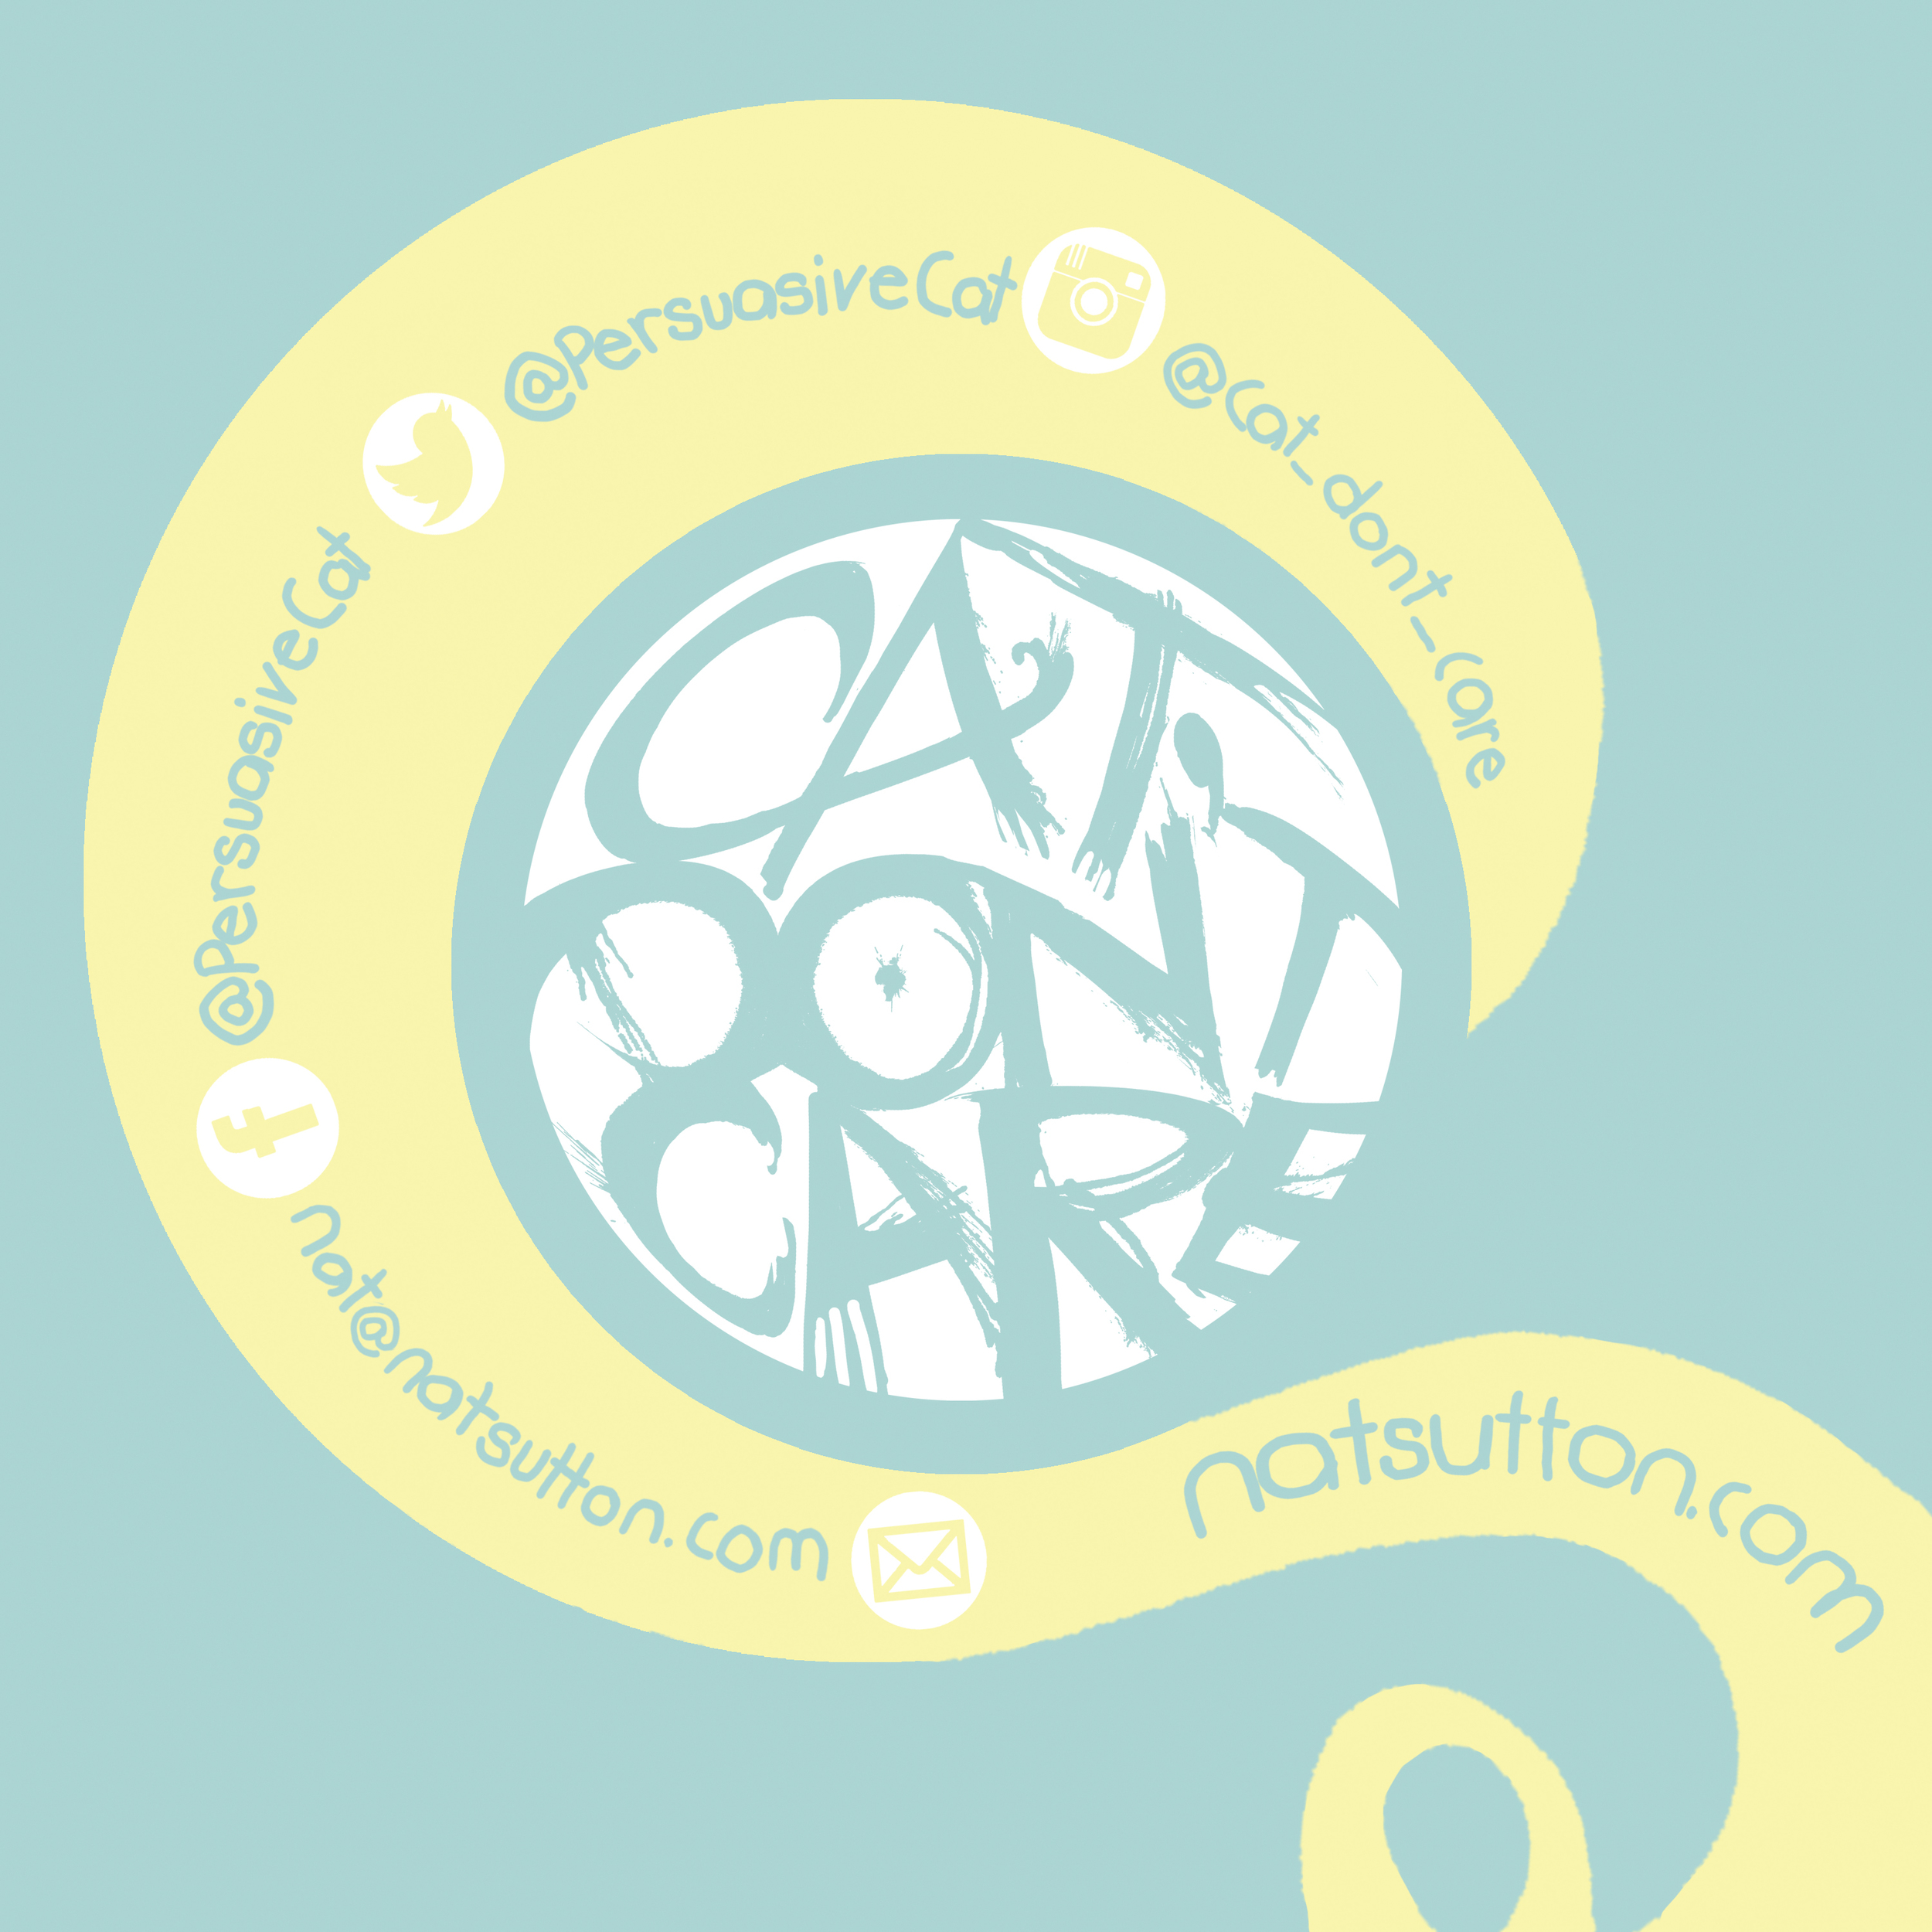 CAT DONT CARE -natalie palmer sutton illustration cat artist natsutton_com